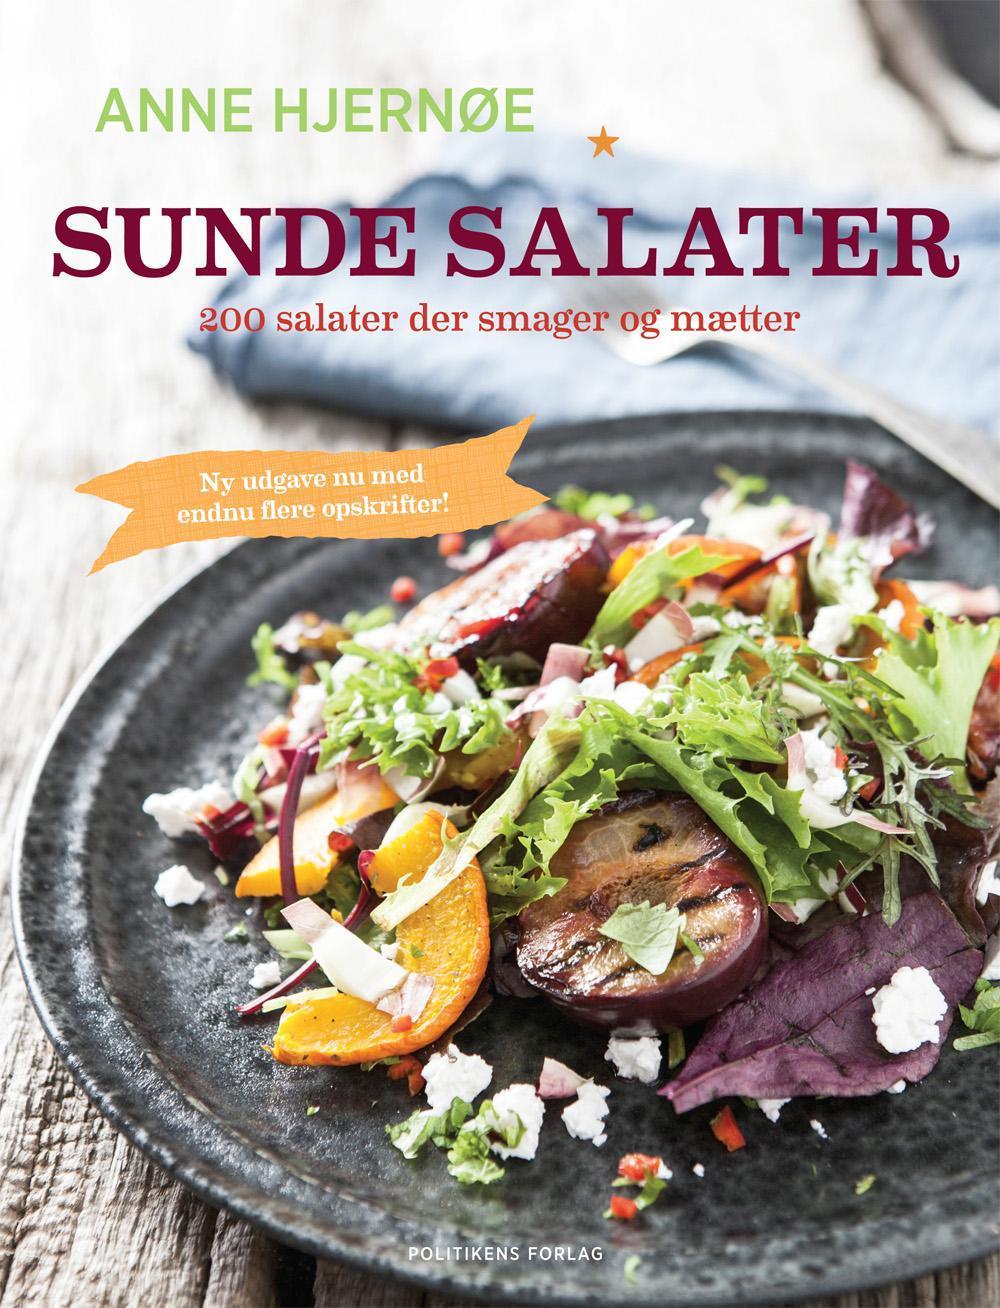 Sunde salater - Anne Hjernøe - Bøger - Politikens Forlag - 9788740026450 - December 4, 2015